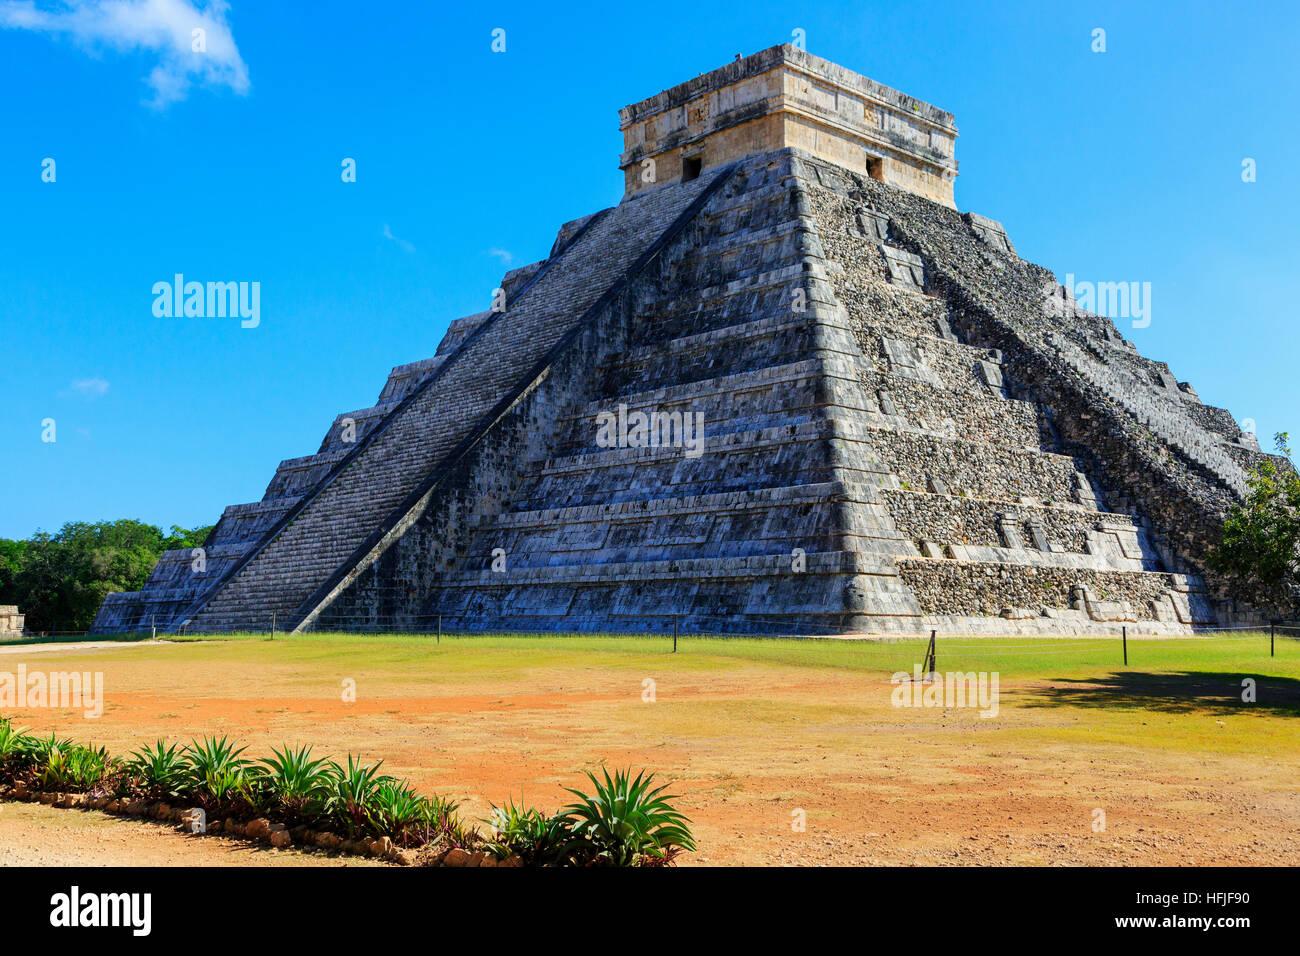 Zentrale Struktur des Castillo, in der alten Maya-Tempel von Chichén Itzá, Yucatan, Mexiko Stockbild